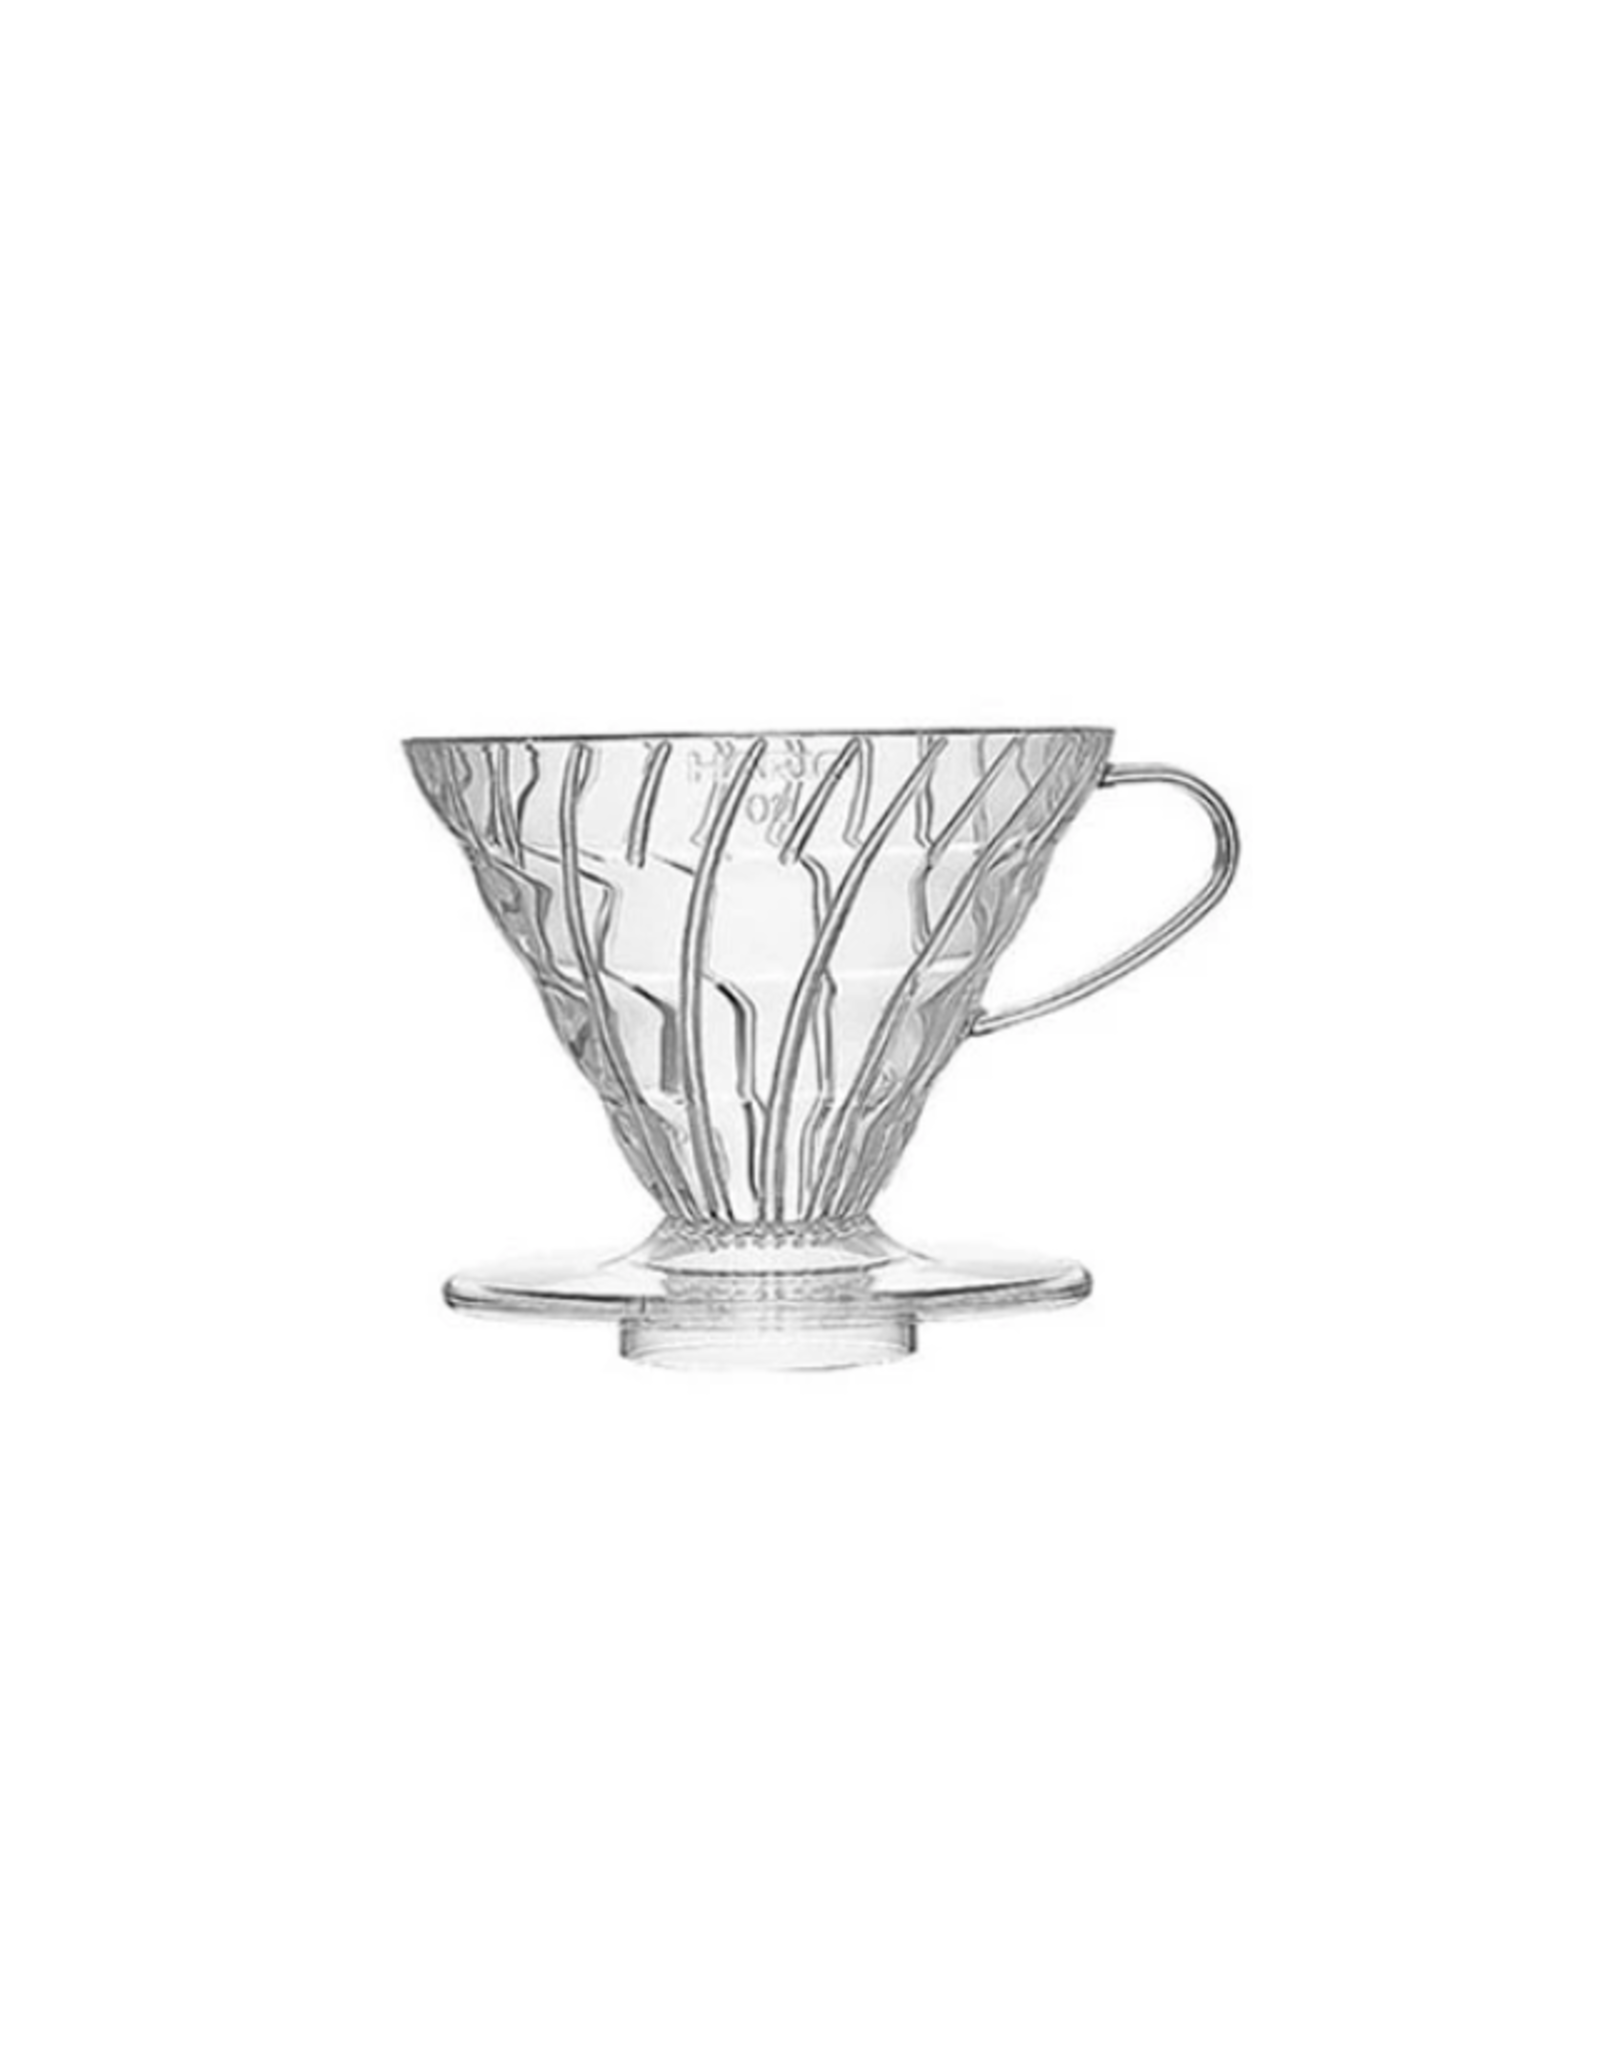 Hario Hario V60-02 Clear